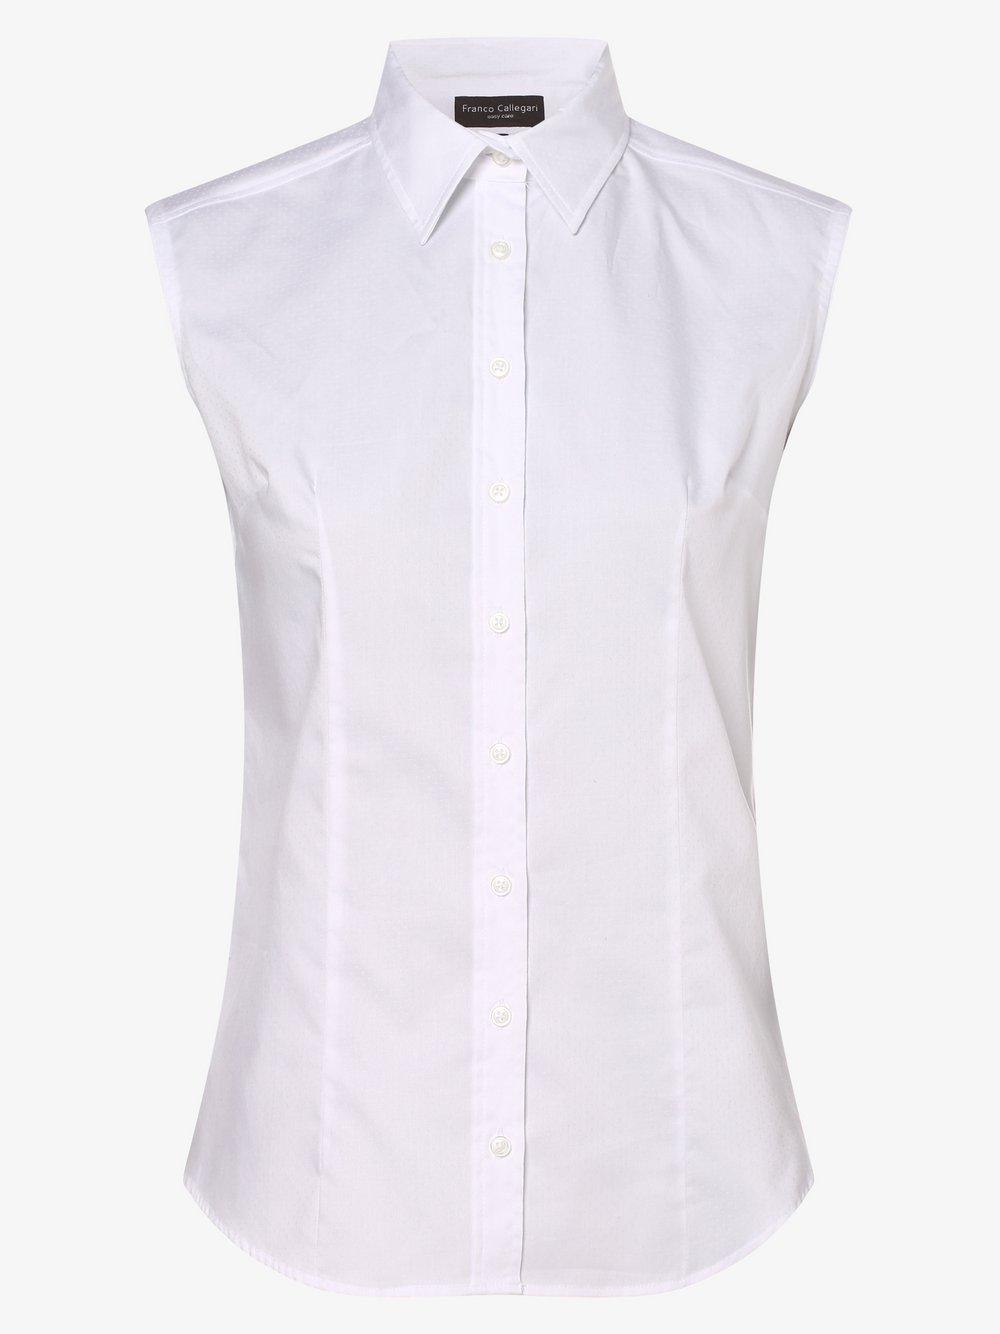 Franco Callegari – Damska bluzka bez rękawów, biały Van Graaf 394801-0007